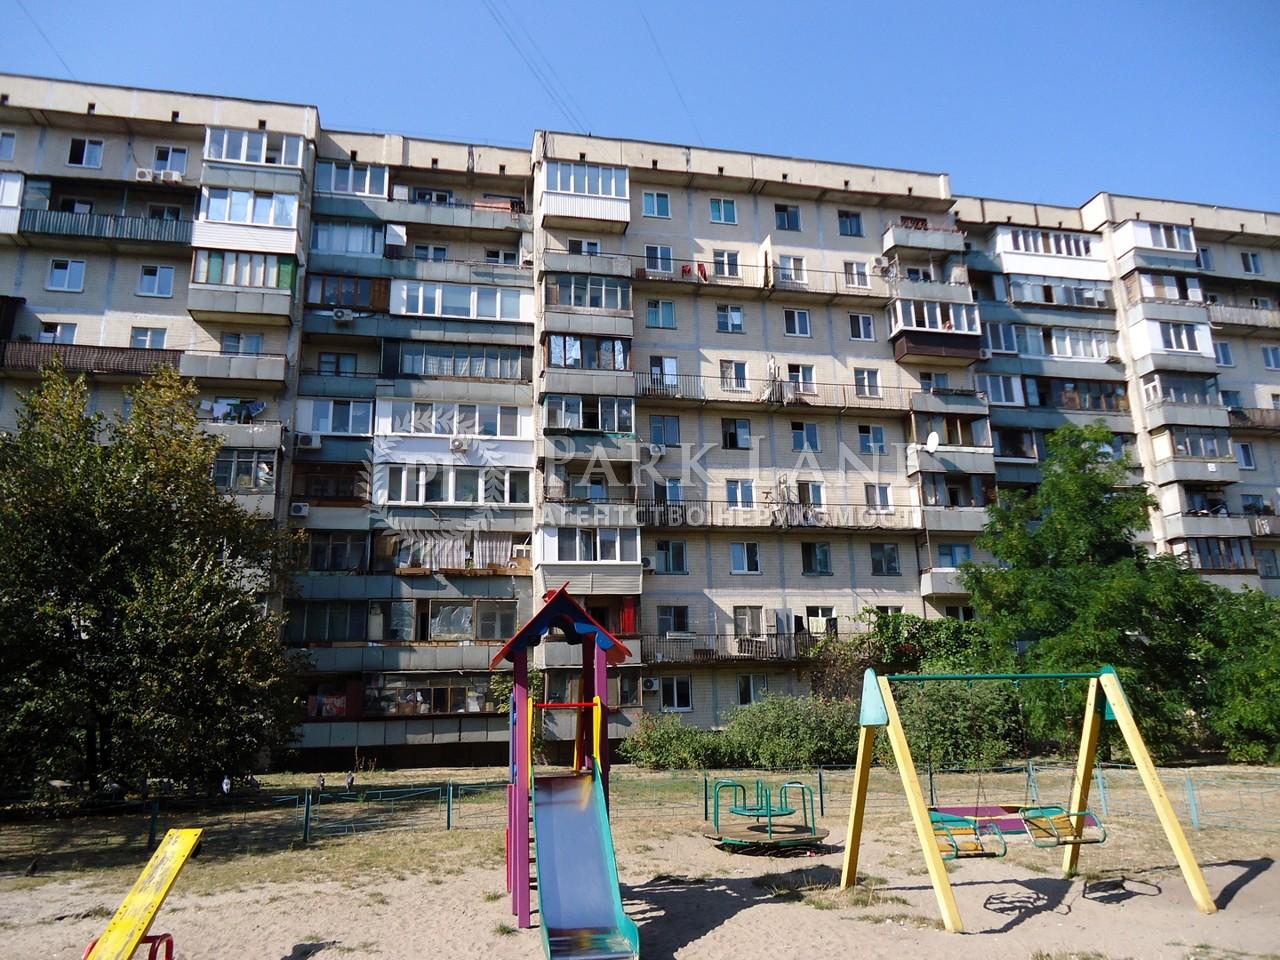 Квартира вул. Мілютенка, 9, Київ, Z-762331 - Фото 1